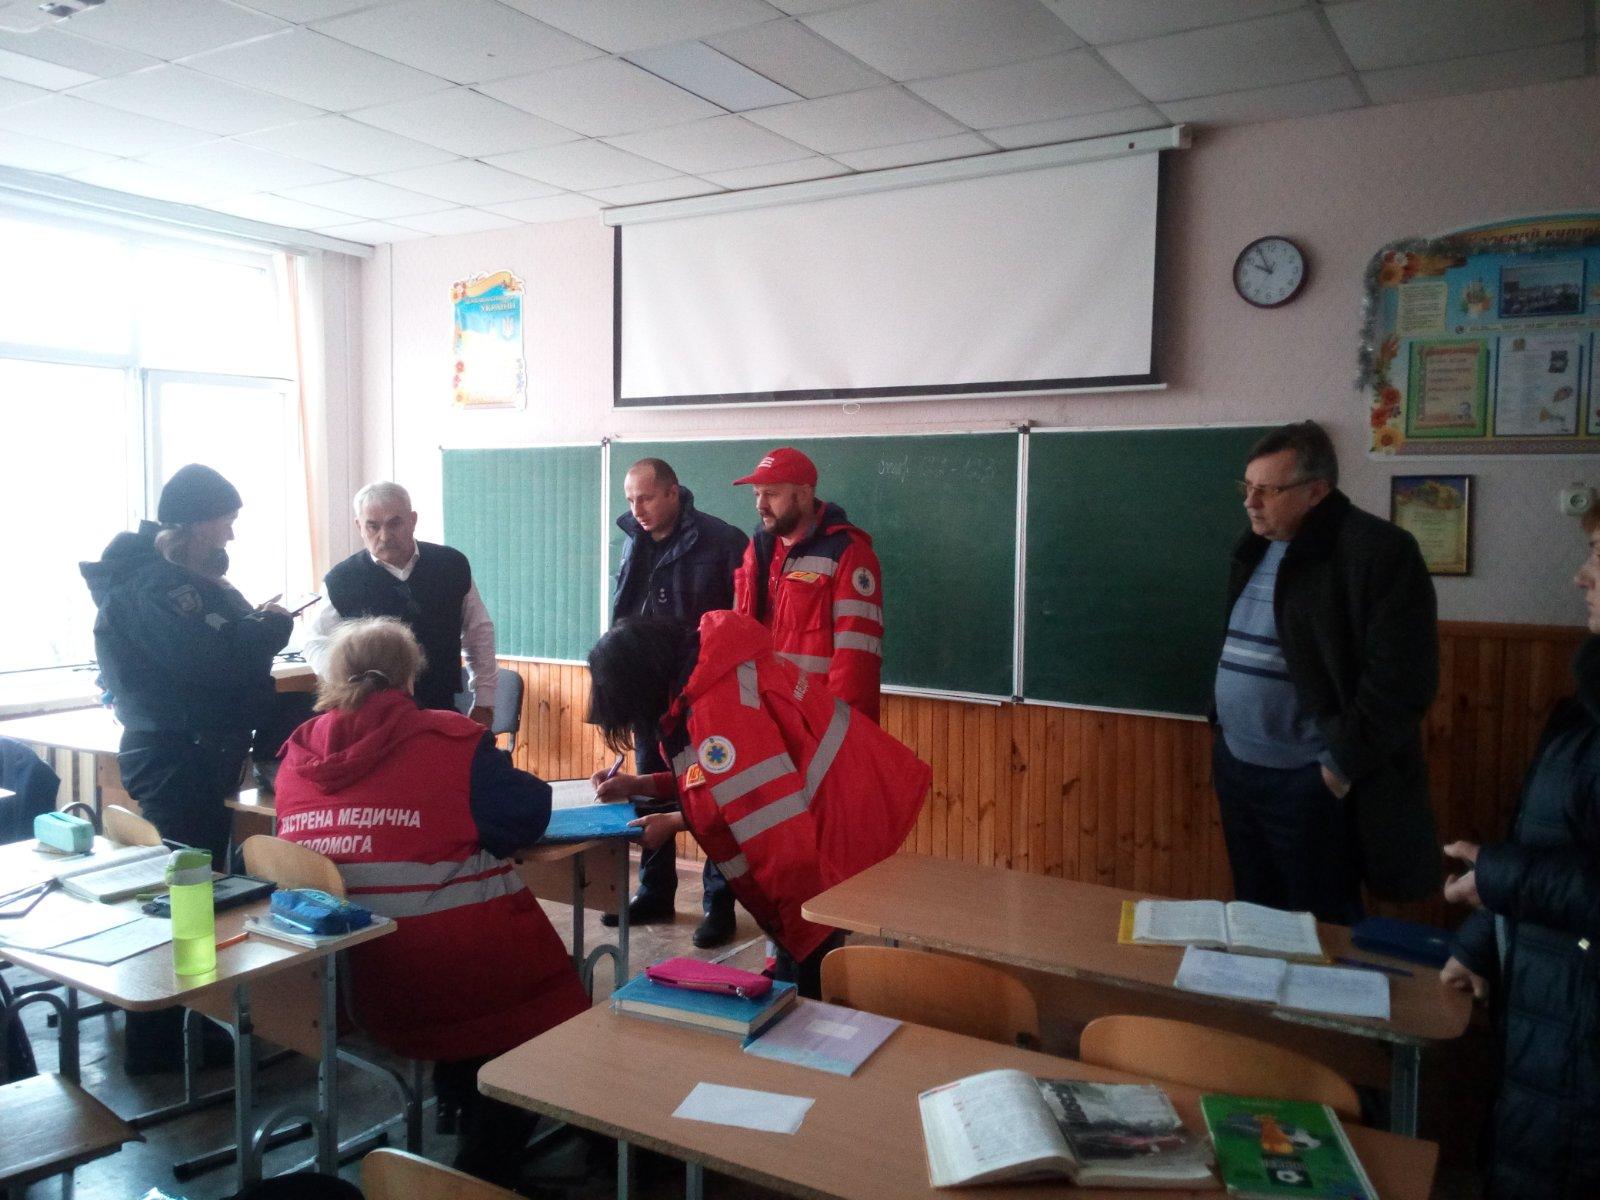 У Броварах евакуювали учнів та вчителів школи №2 -  - IMG dea36ef784e7a85b5ebe5967d16946fb V